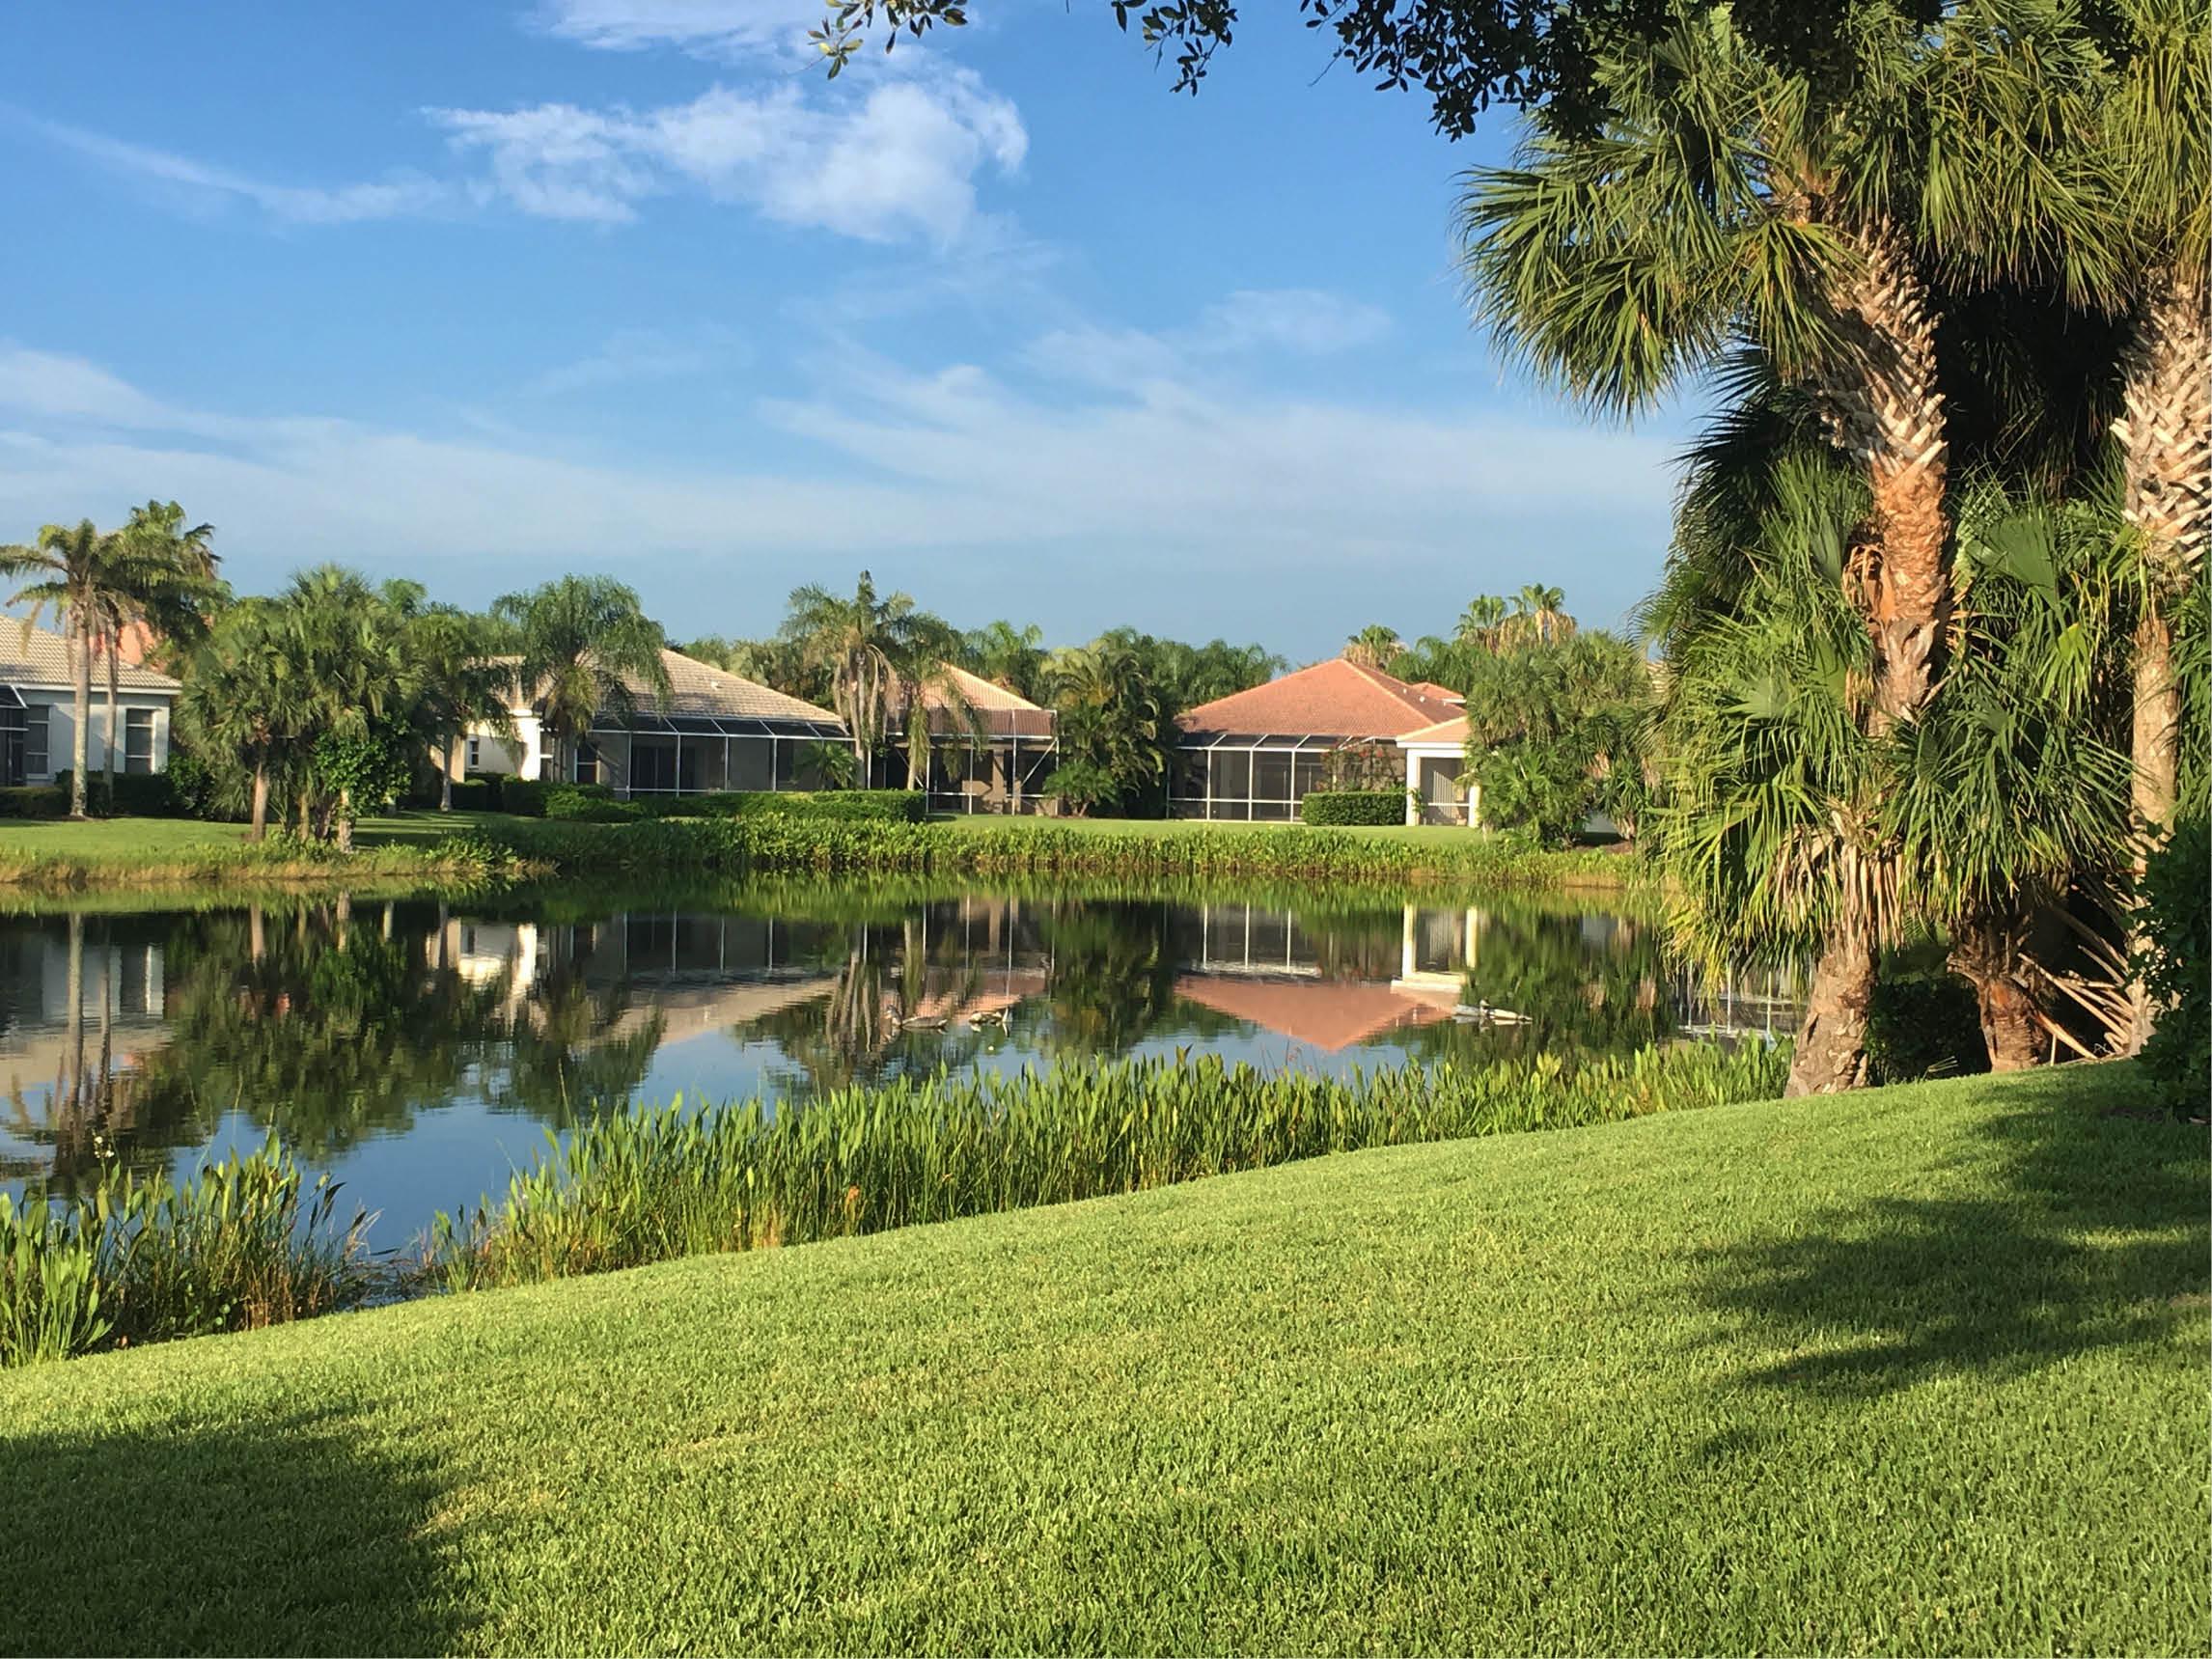 A neighborhood pond